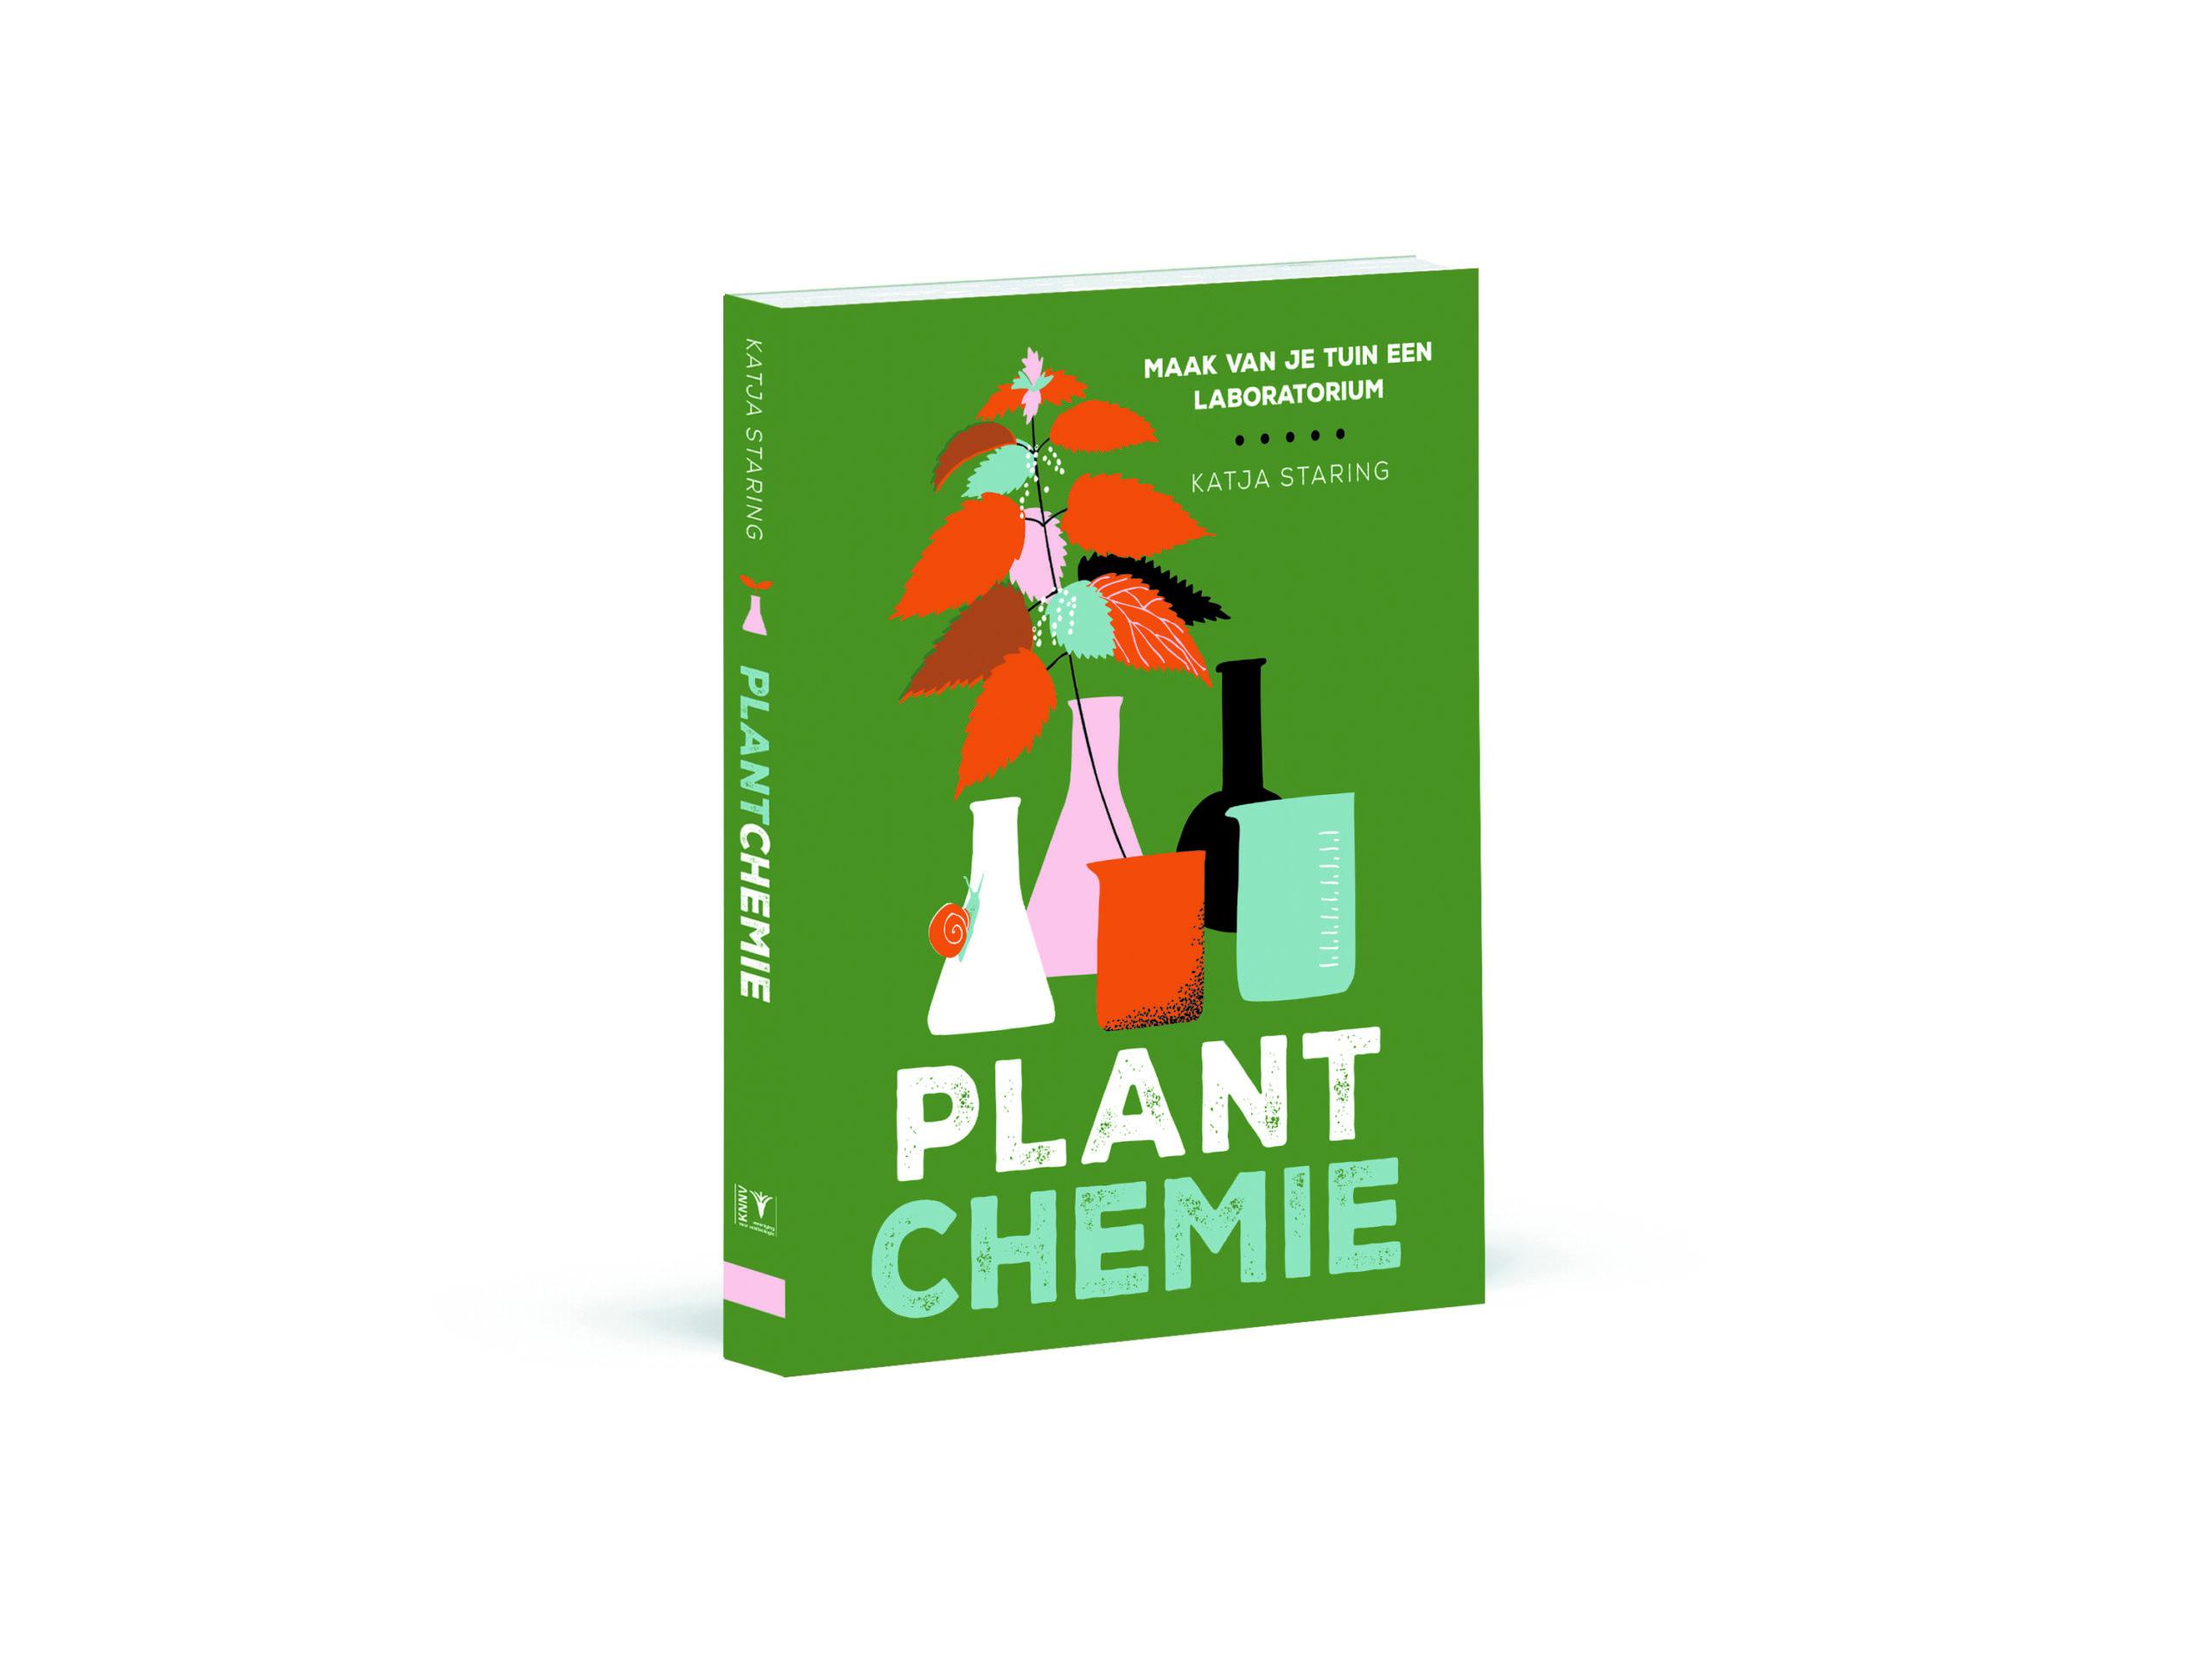 Nieuw boek: Plantchemie